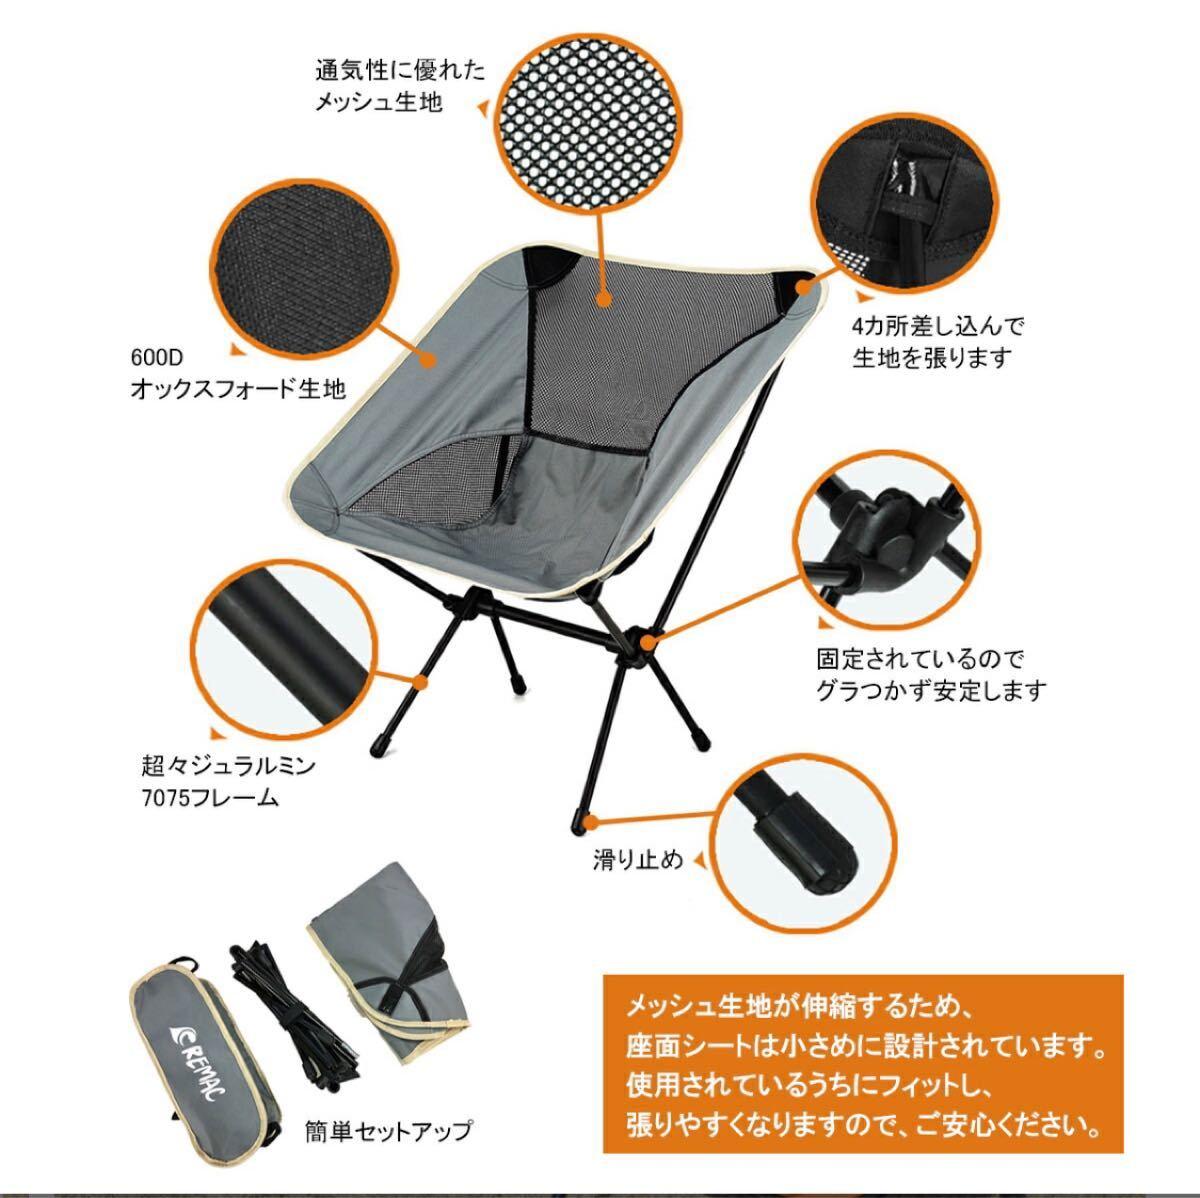 新品 らくらく持ち運び アウトドアチェア 折りたたみ キャンプ椅子 オレンジ